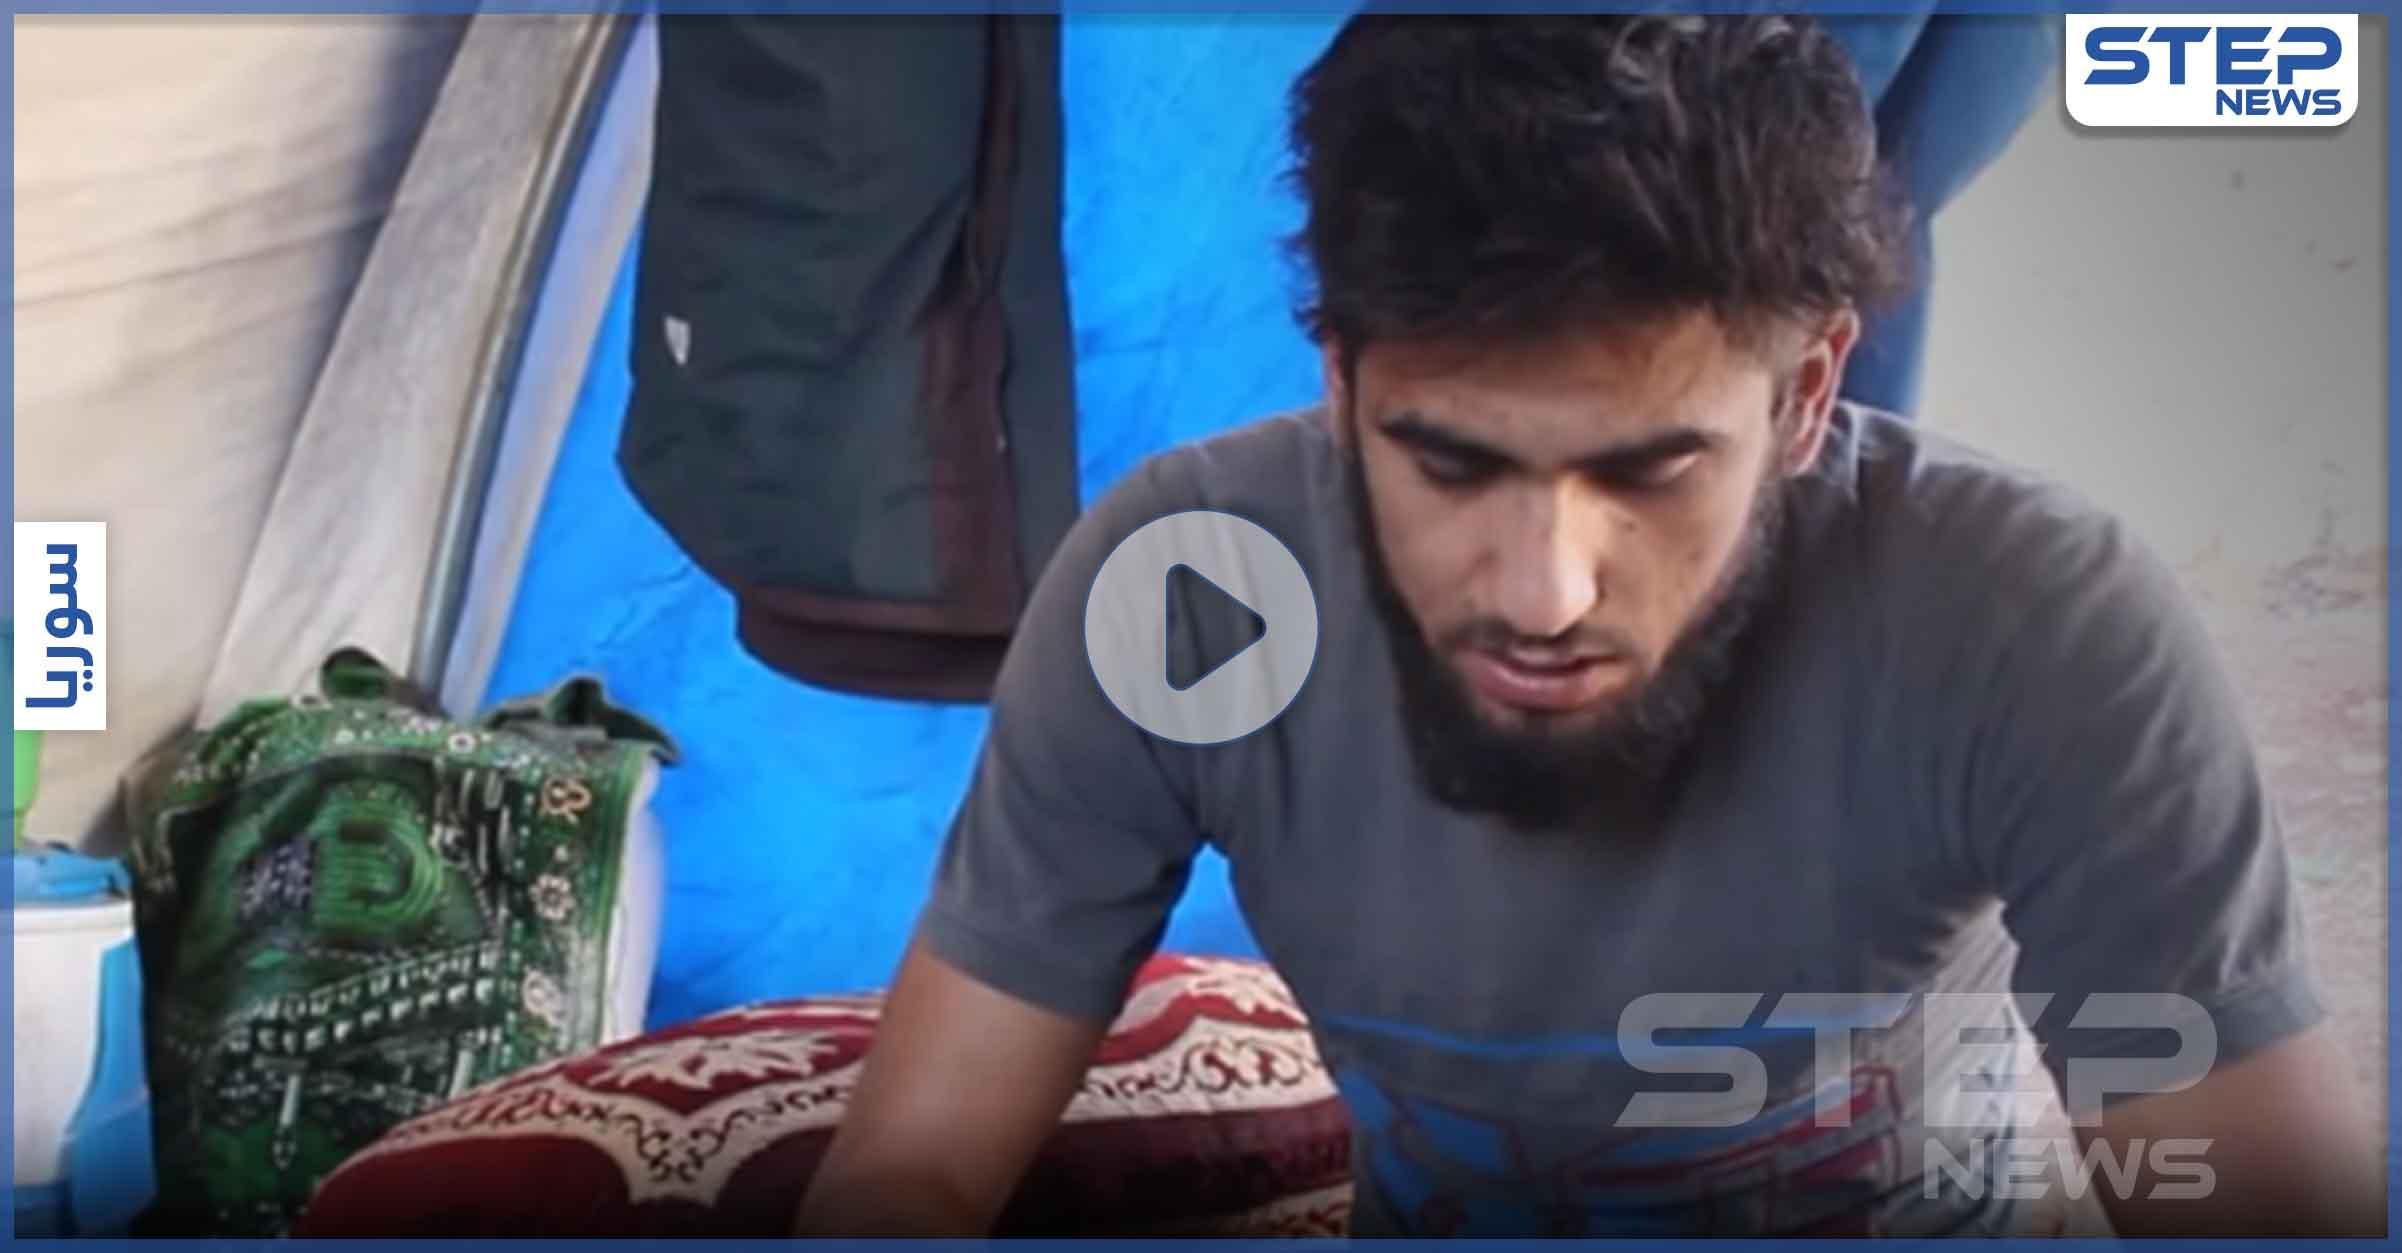 بالفيديو|| شاب سوري في مصيبةٍ كبيرة.. وأمه تستنجد لإنقاذه من الموت